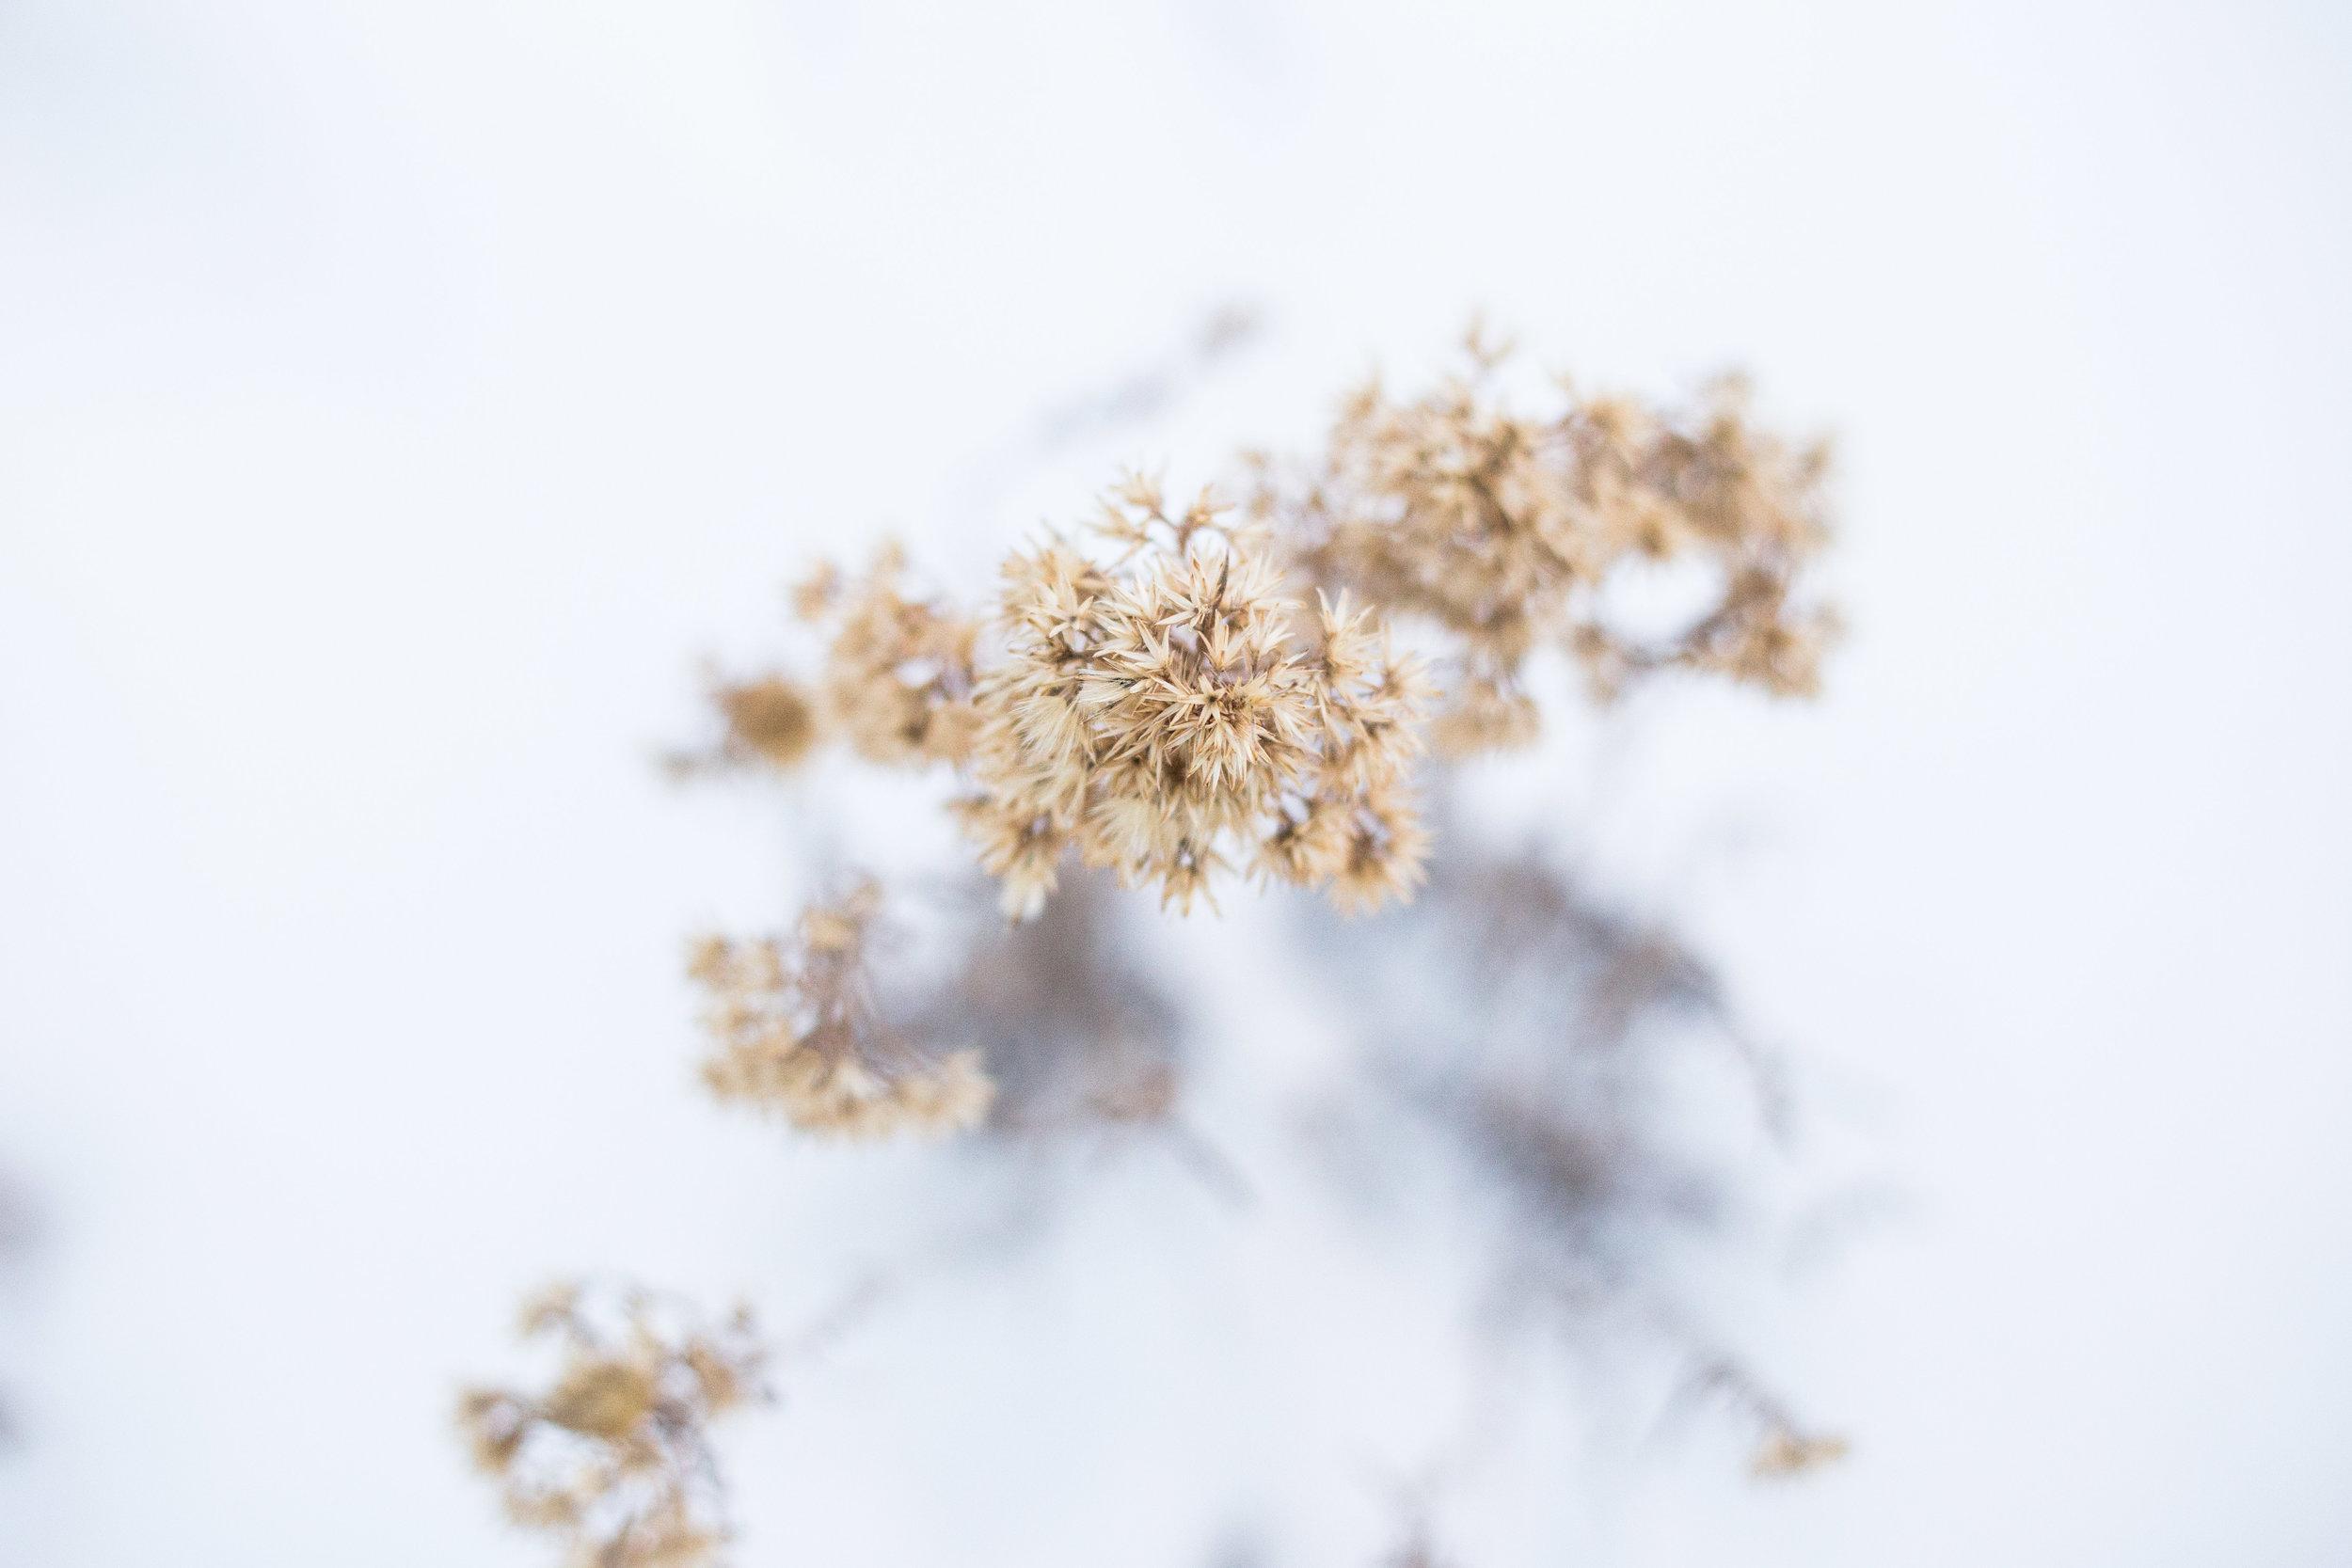 newyearsflowers-4.jpg